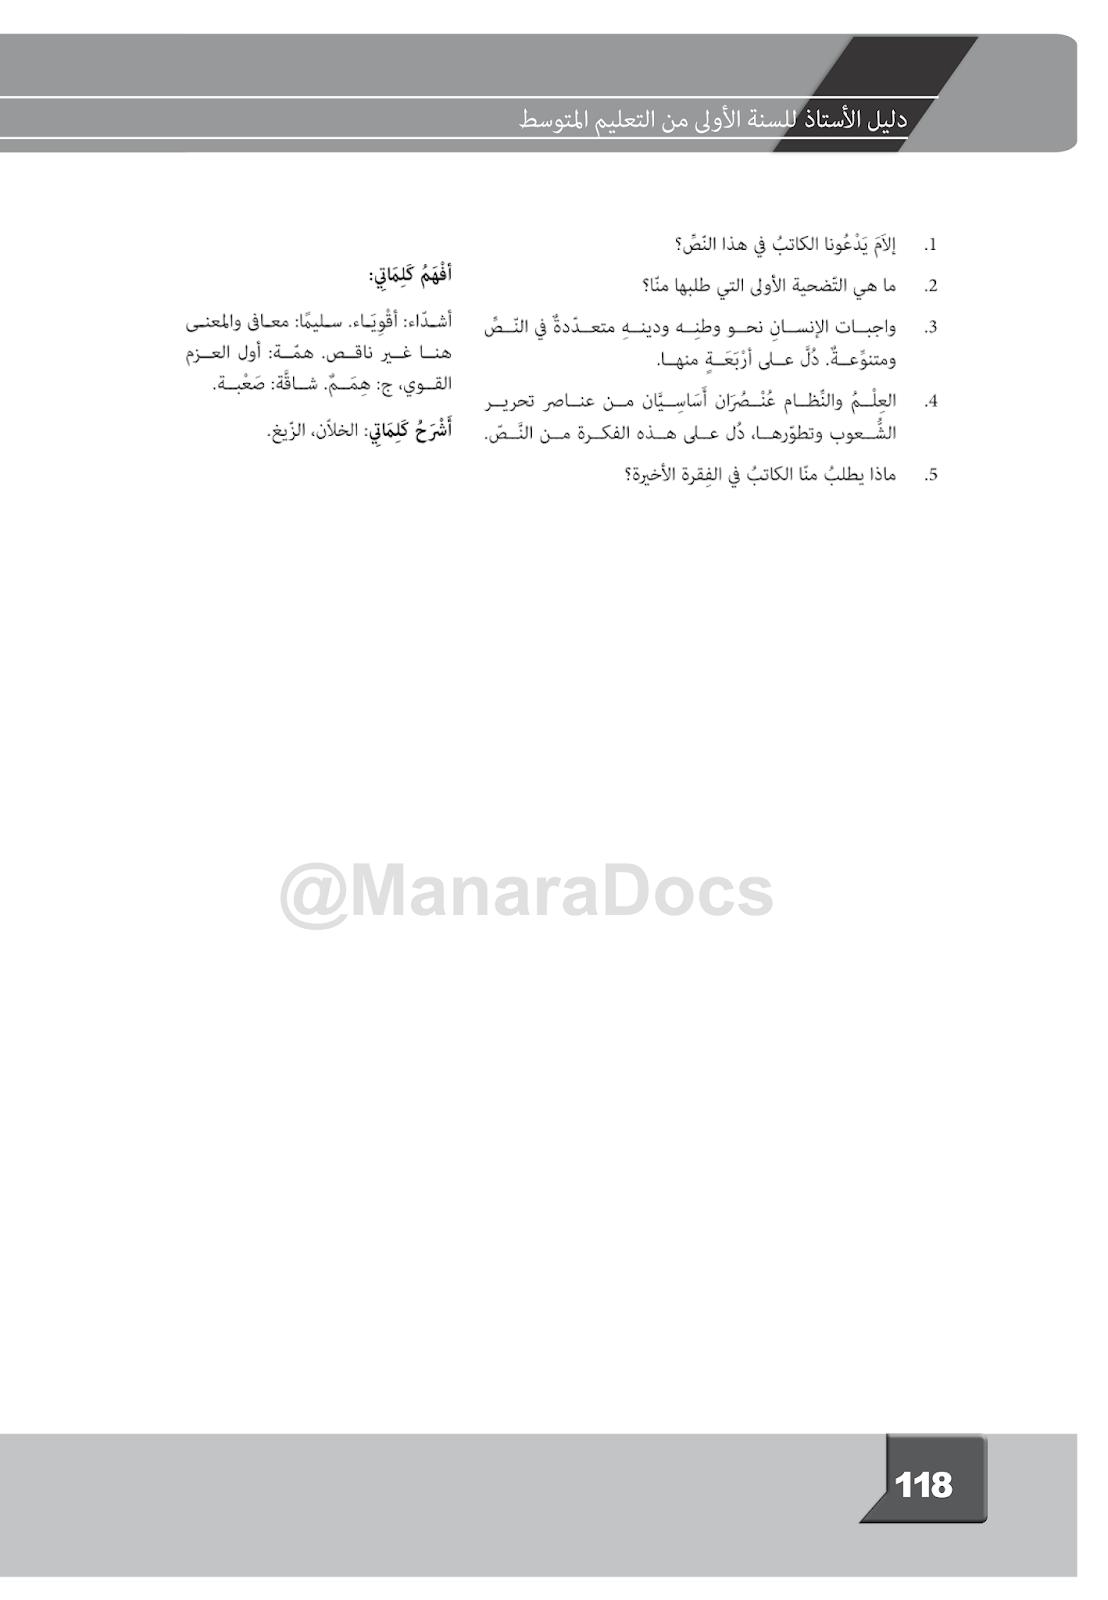 نص الواجب و التضحية اللغة العربية للسنة الاولى 1 متوسط - الجيل الثاني